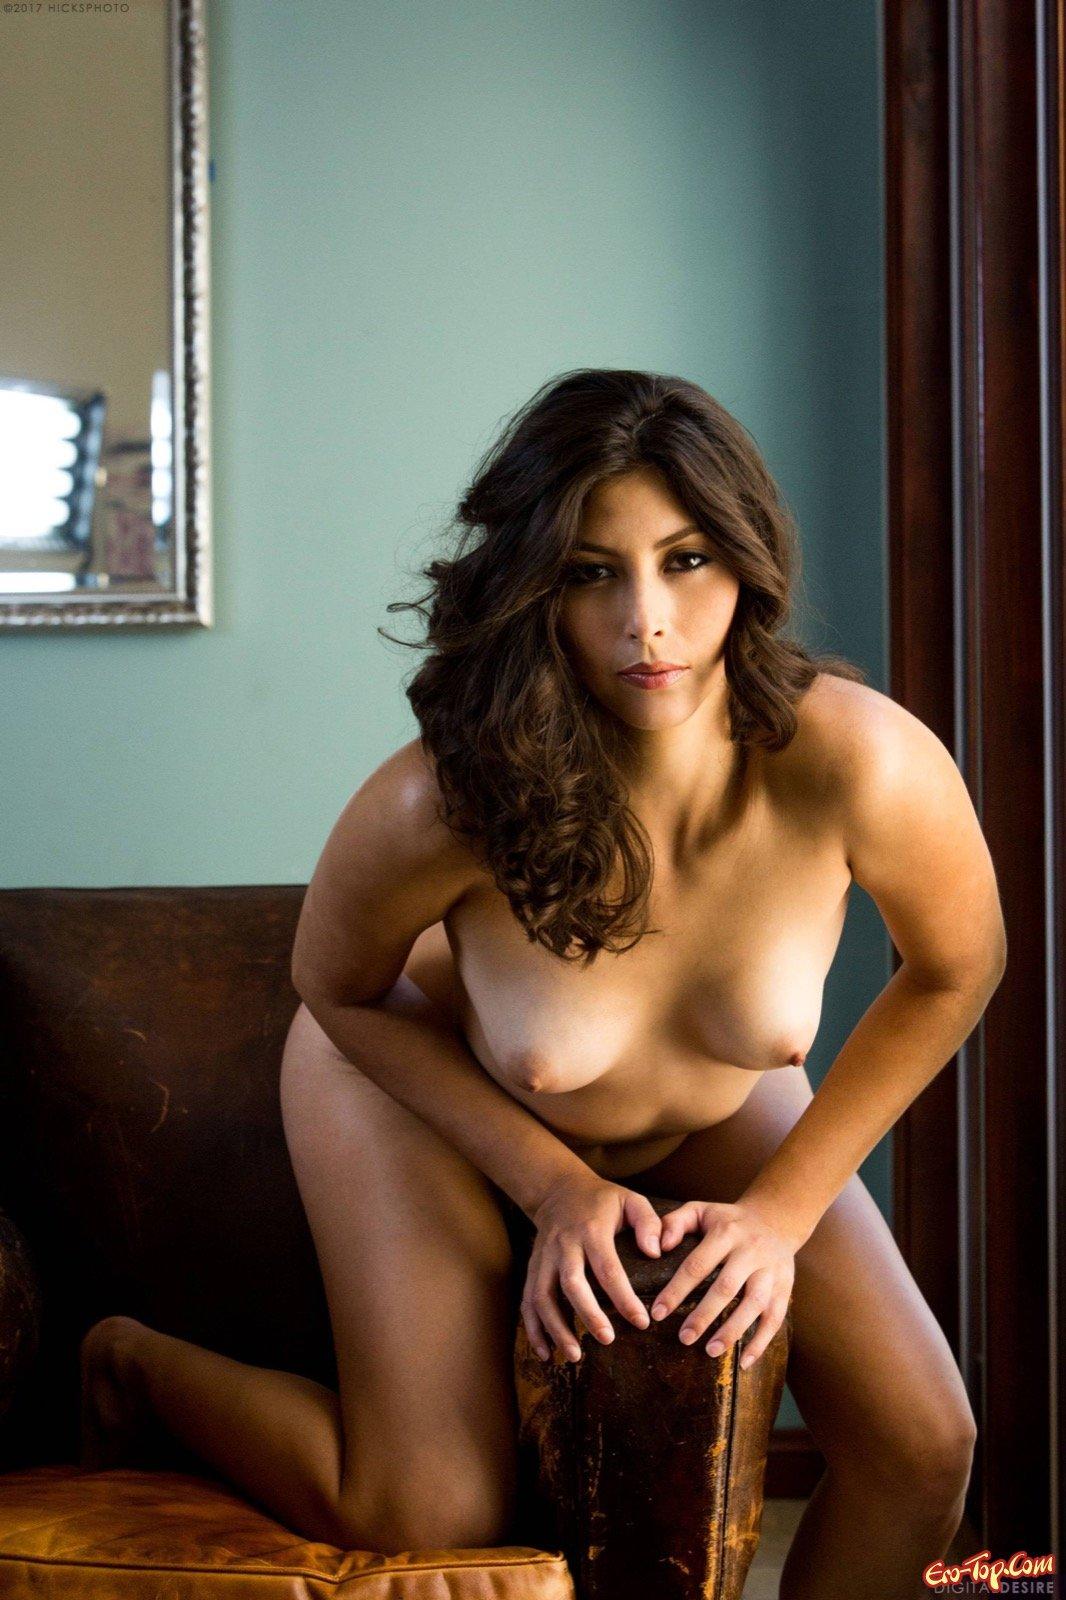 Красивая девушка показала голую попу